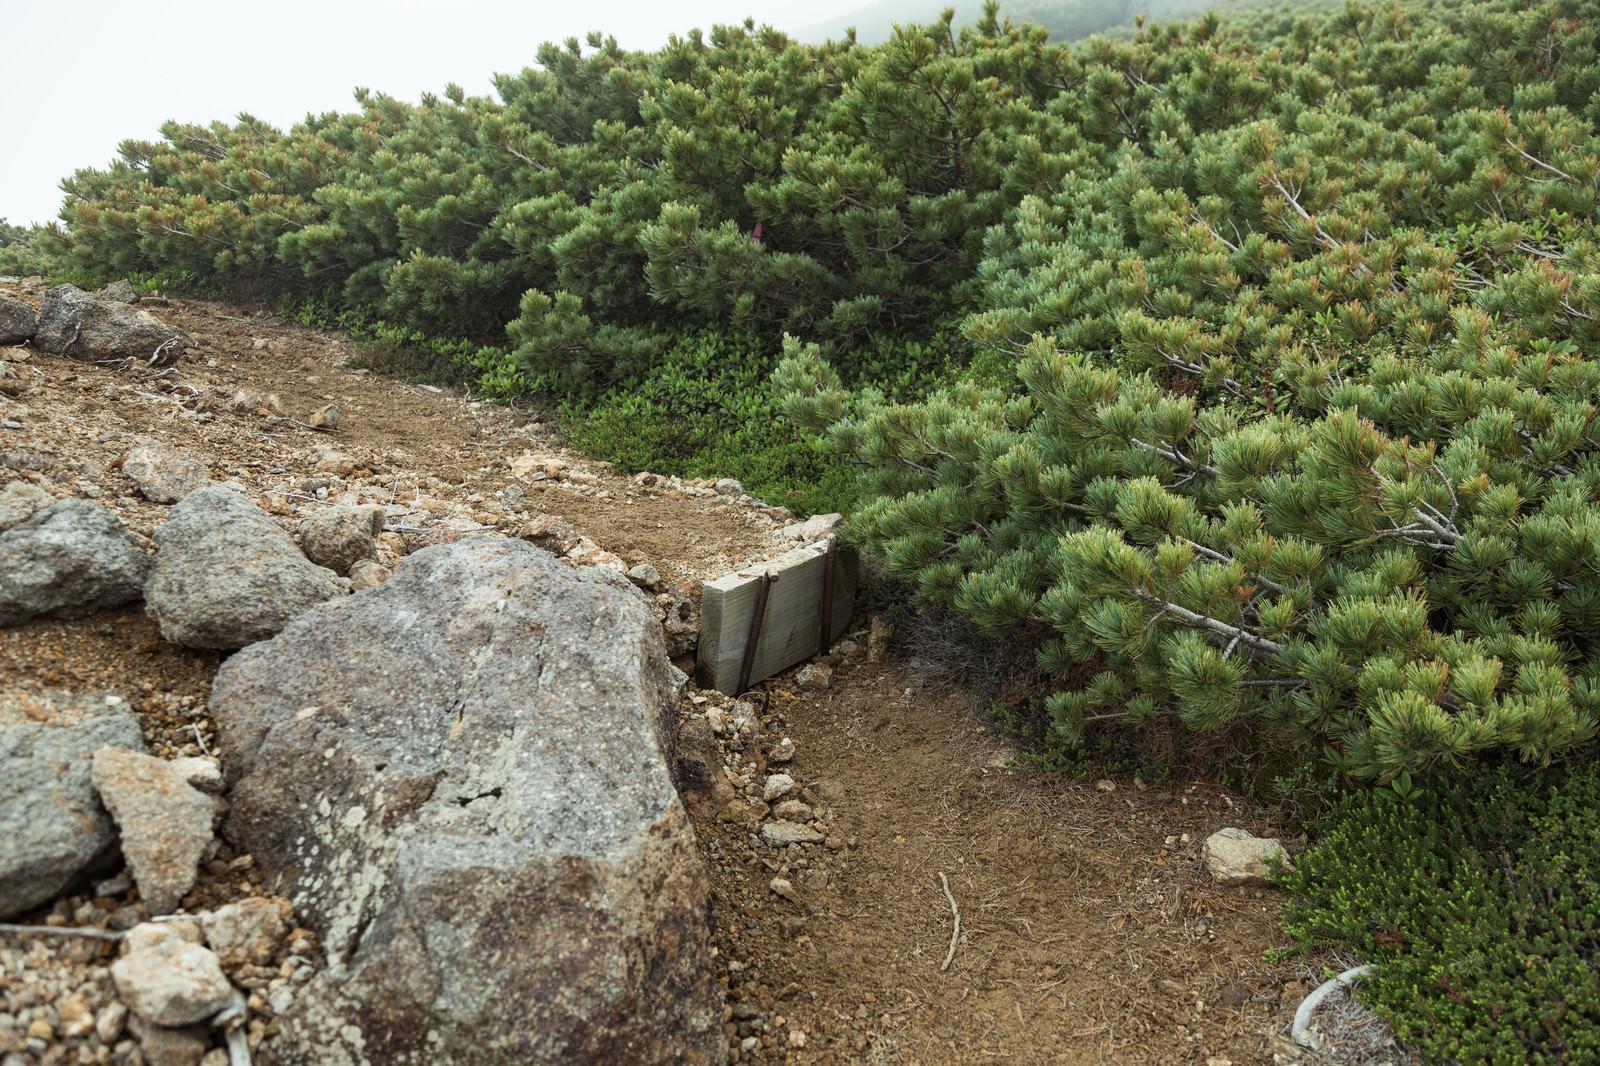 「乗鞍新登山道の整備された木の階段」の写真